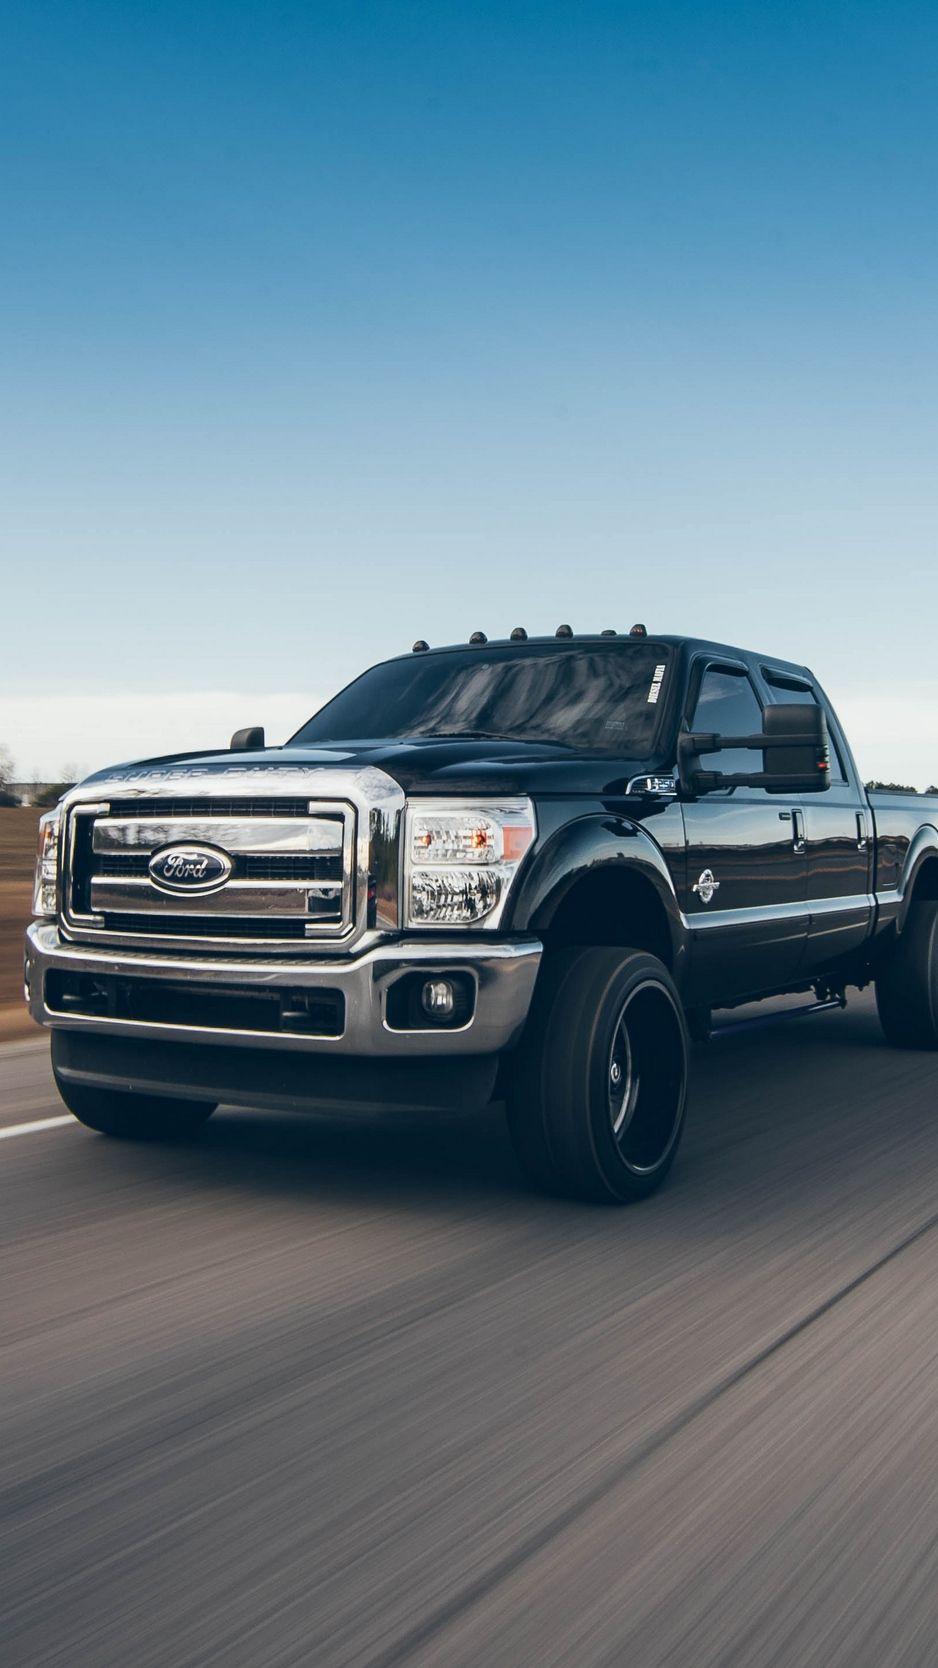 Diesel Truck Wallpapers On Wallpaperdog